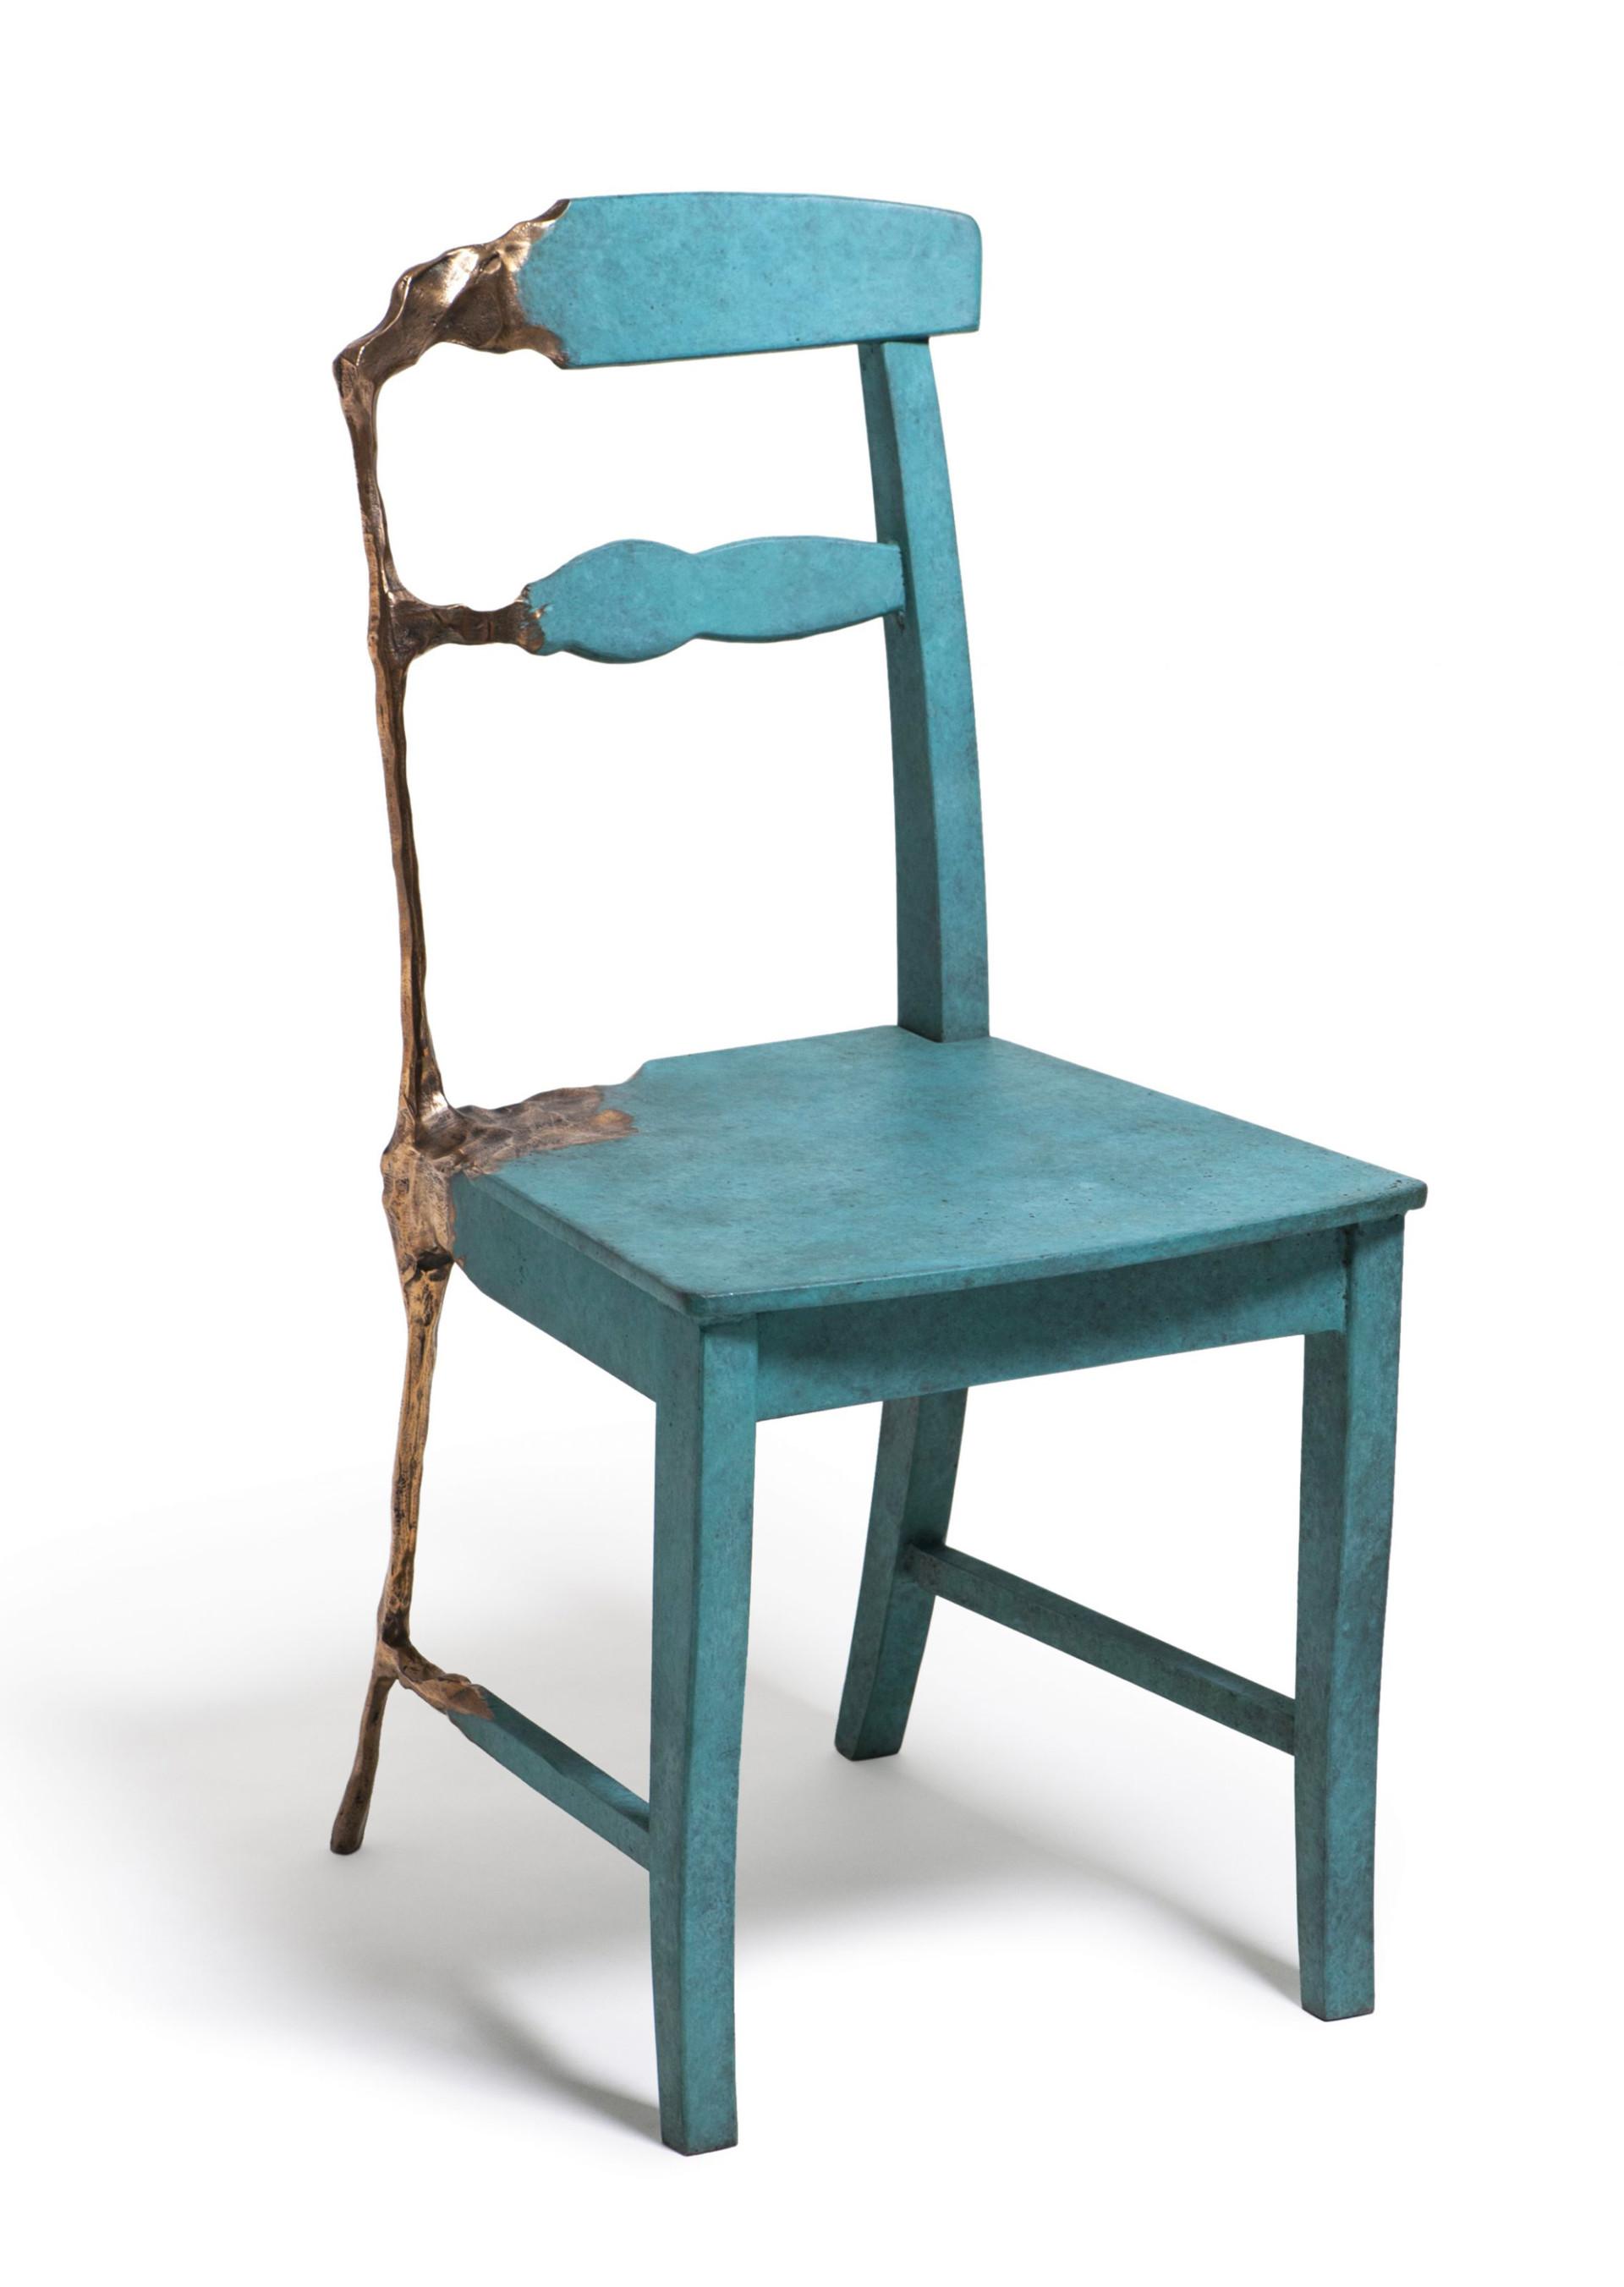 recession_chair01.jpg